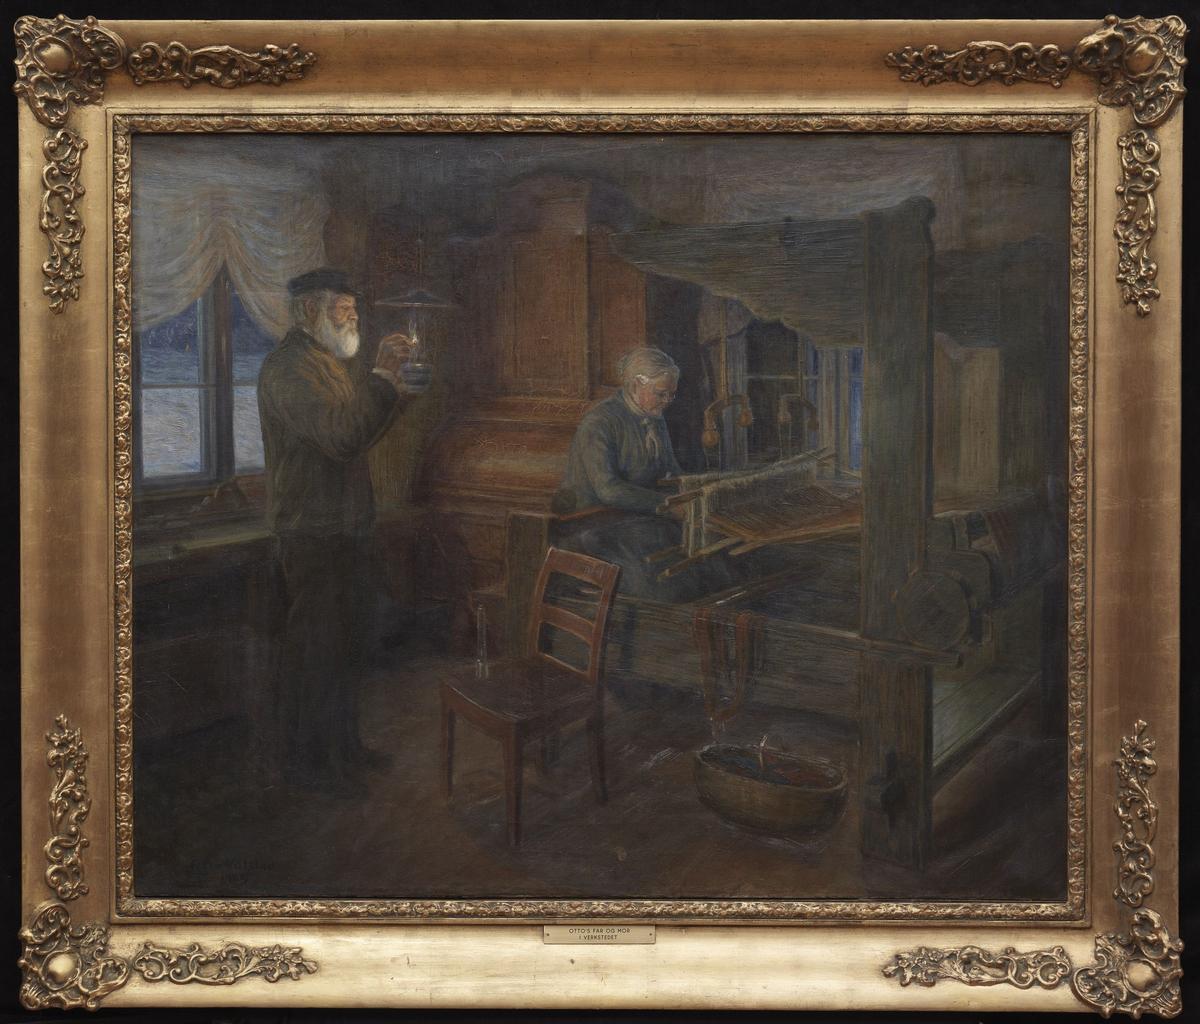 Interiør; tilv. stående gml. mann som tenner lampe, gml. kv. sittende v. vev, 2 vinduer, skatoll, mørk tone